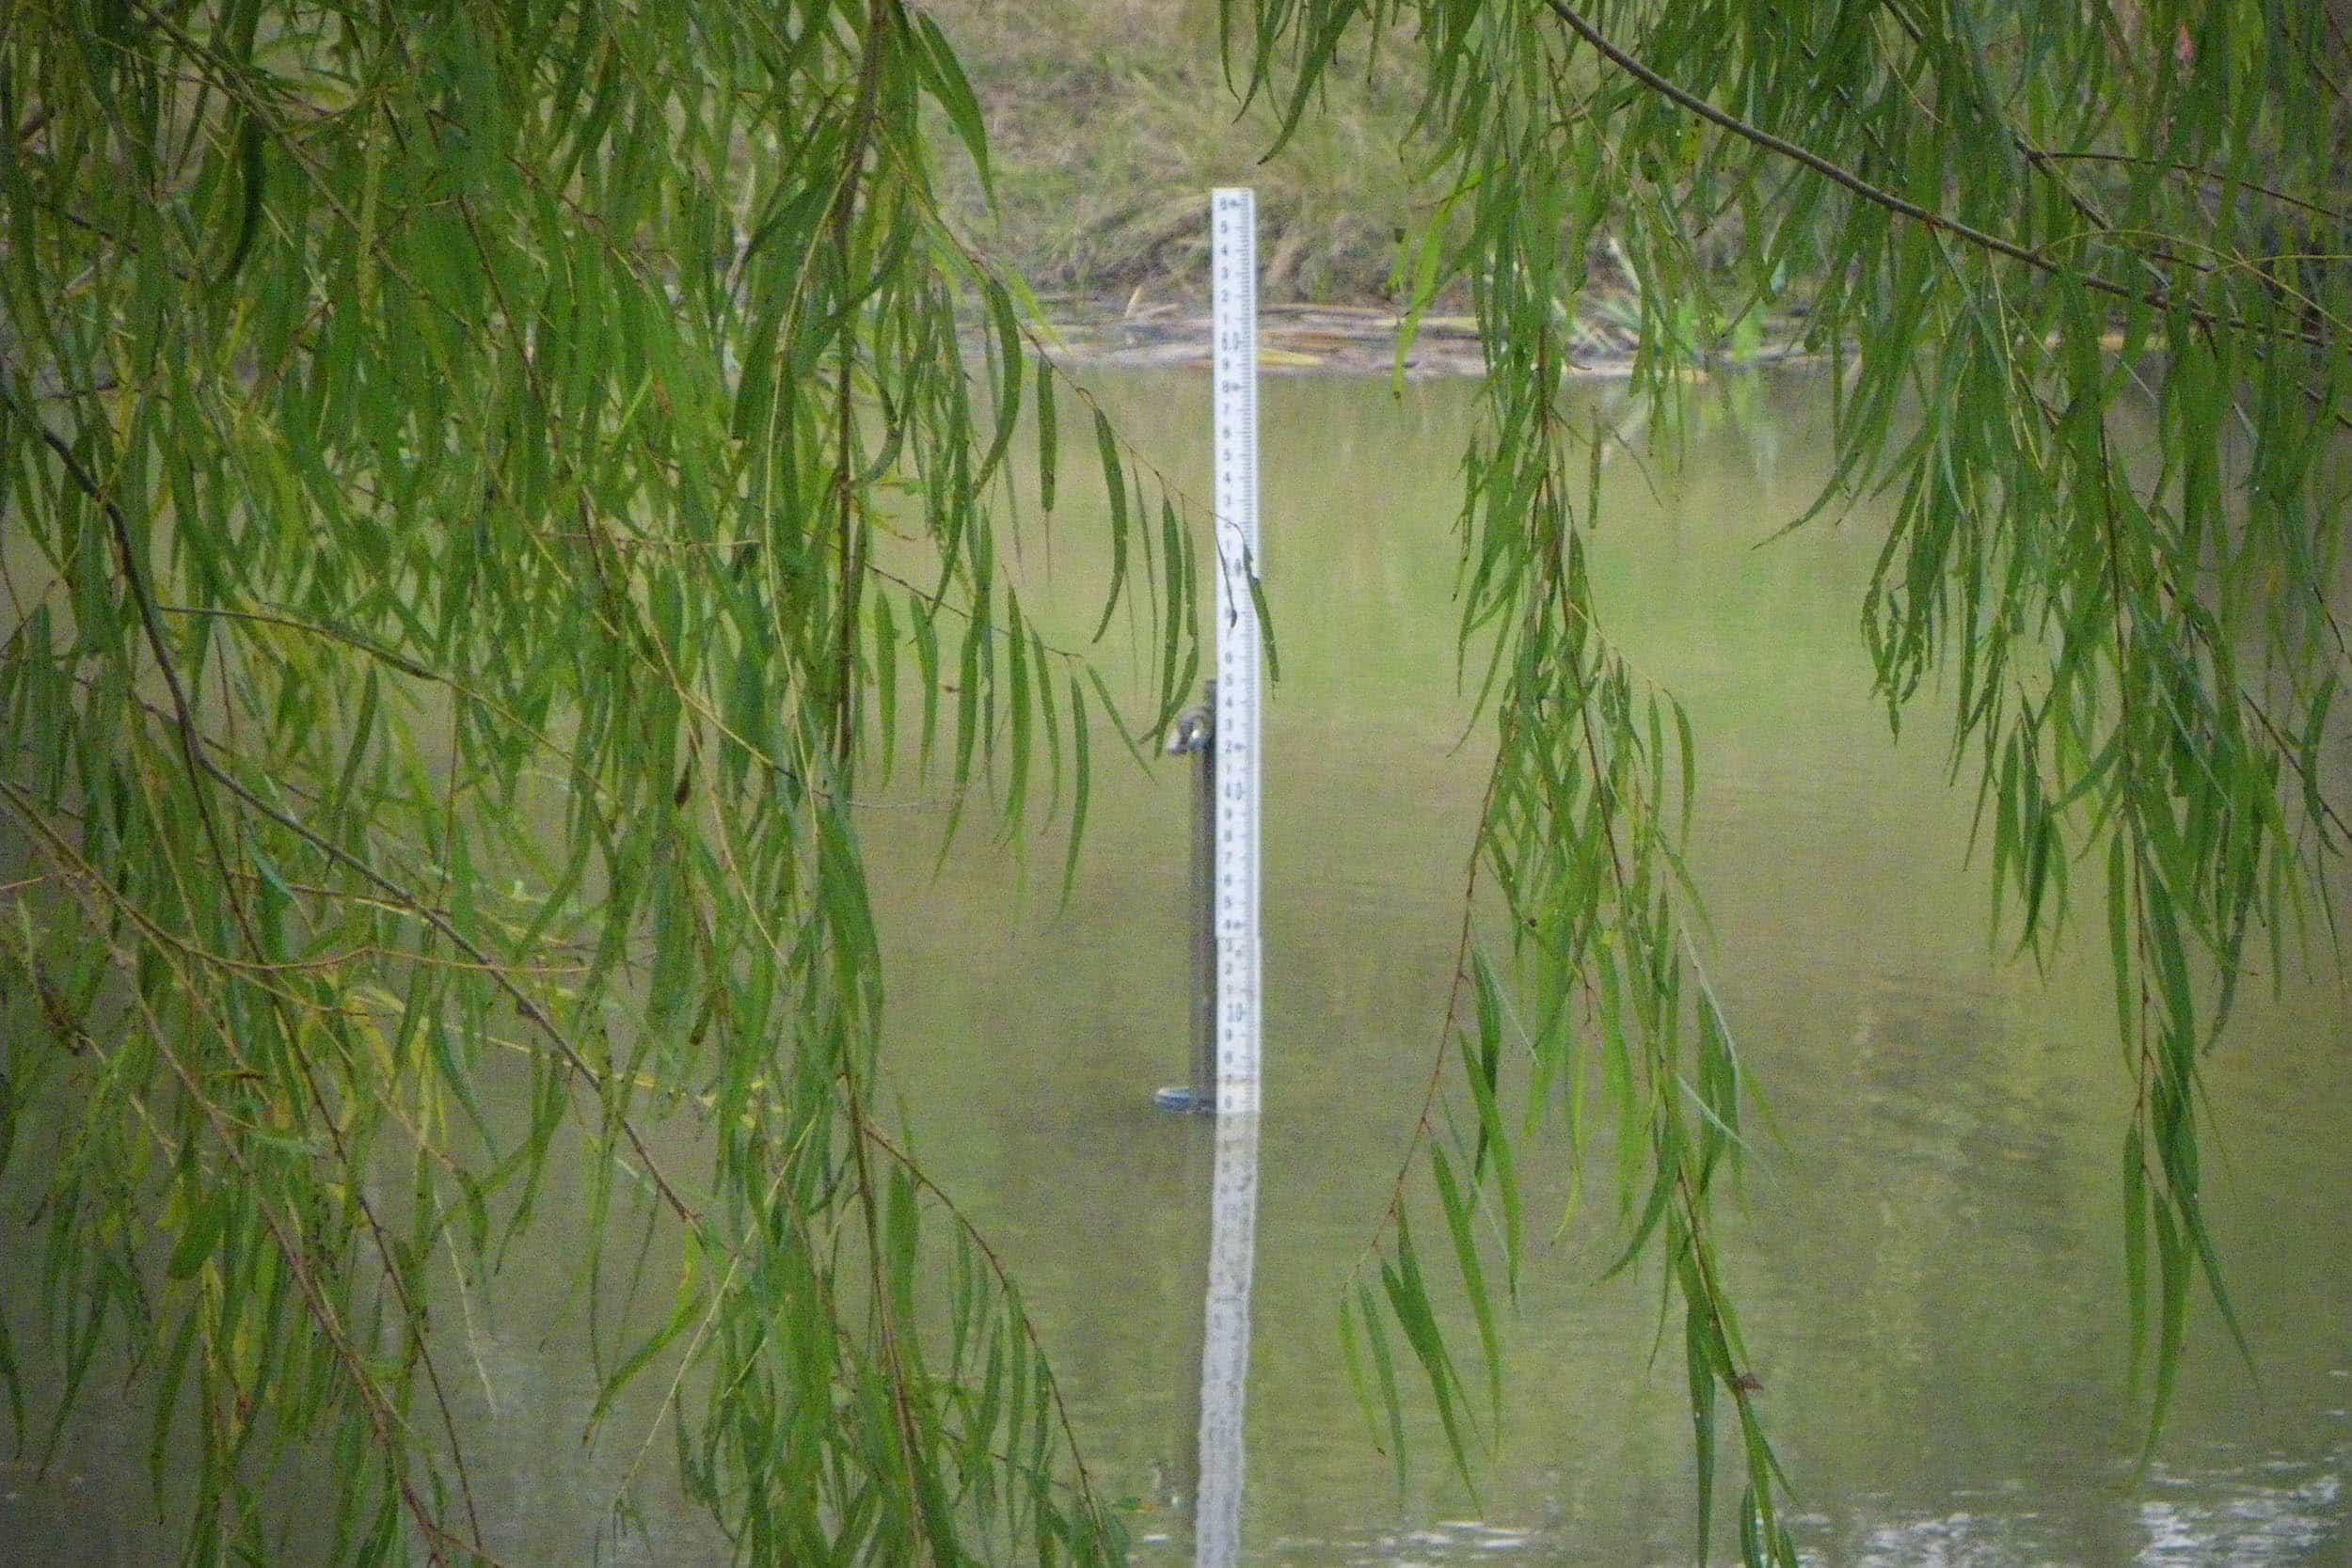 Gauging meter in pond 2 at Mason Park